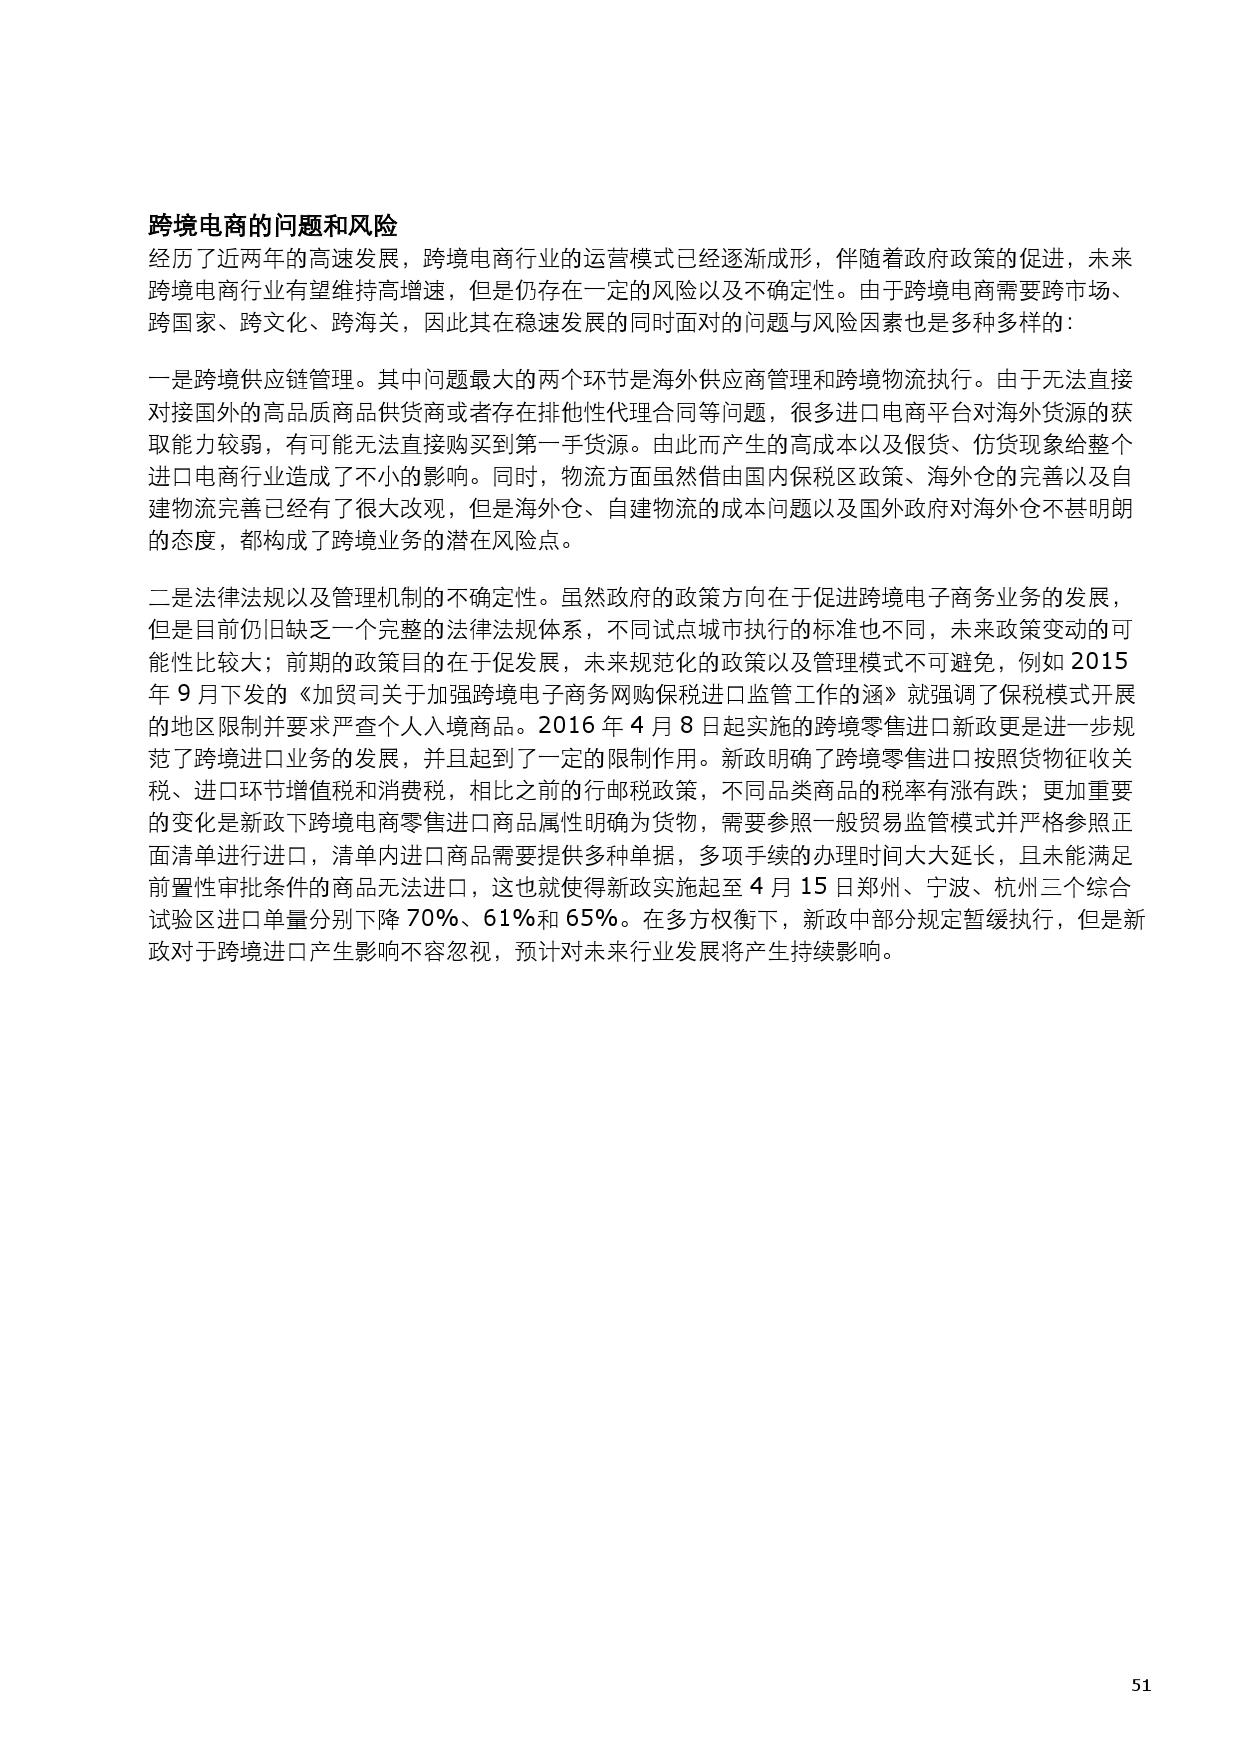 2015中国零售产业投资促进报告_000059